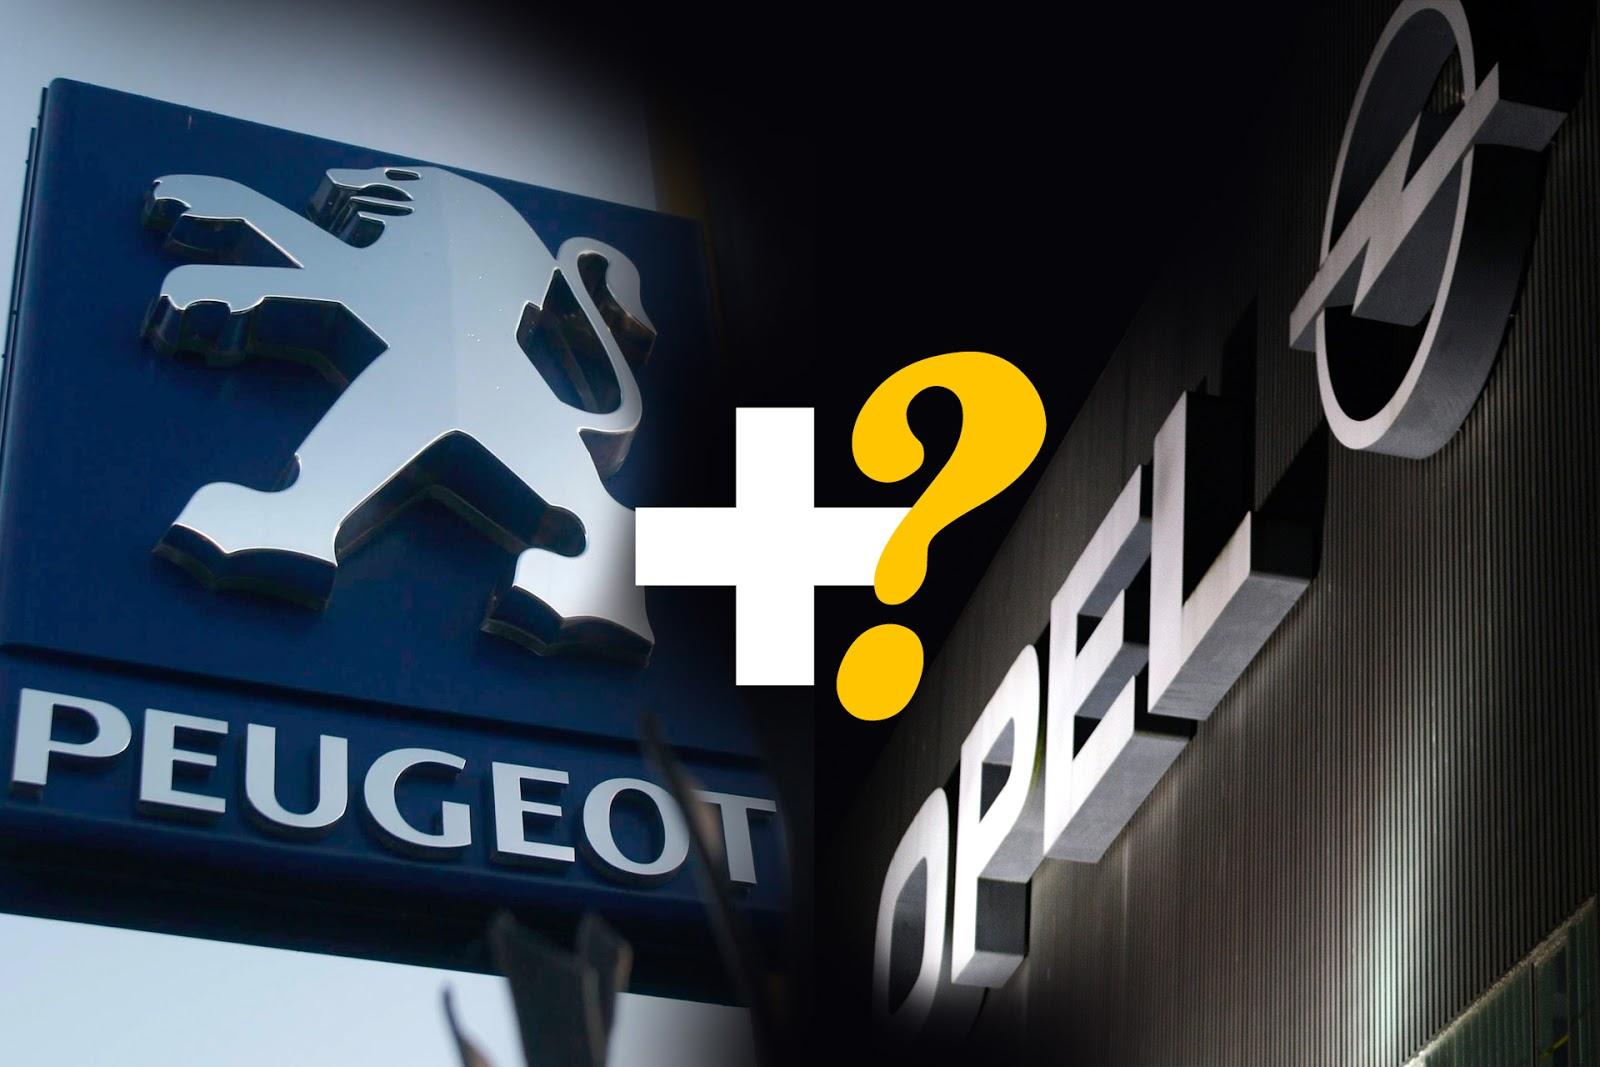 peugeopel Η Opel επιβεβαιώνει τις συζητήσεις με το PSA Group Opel, Peugeot, PSA Peugeot Citroën, εξαγορά